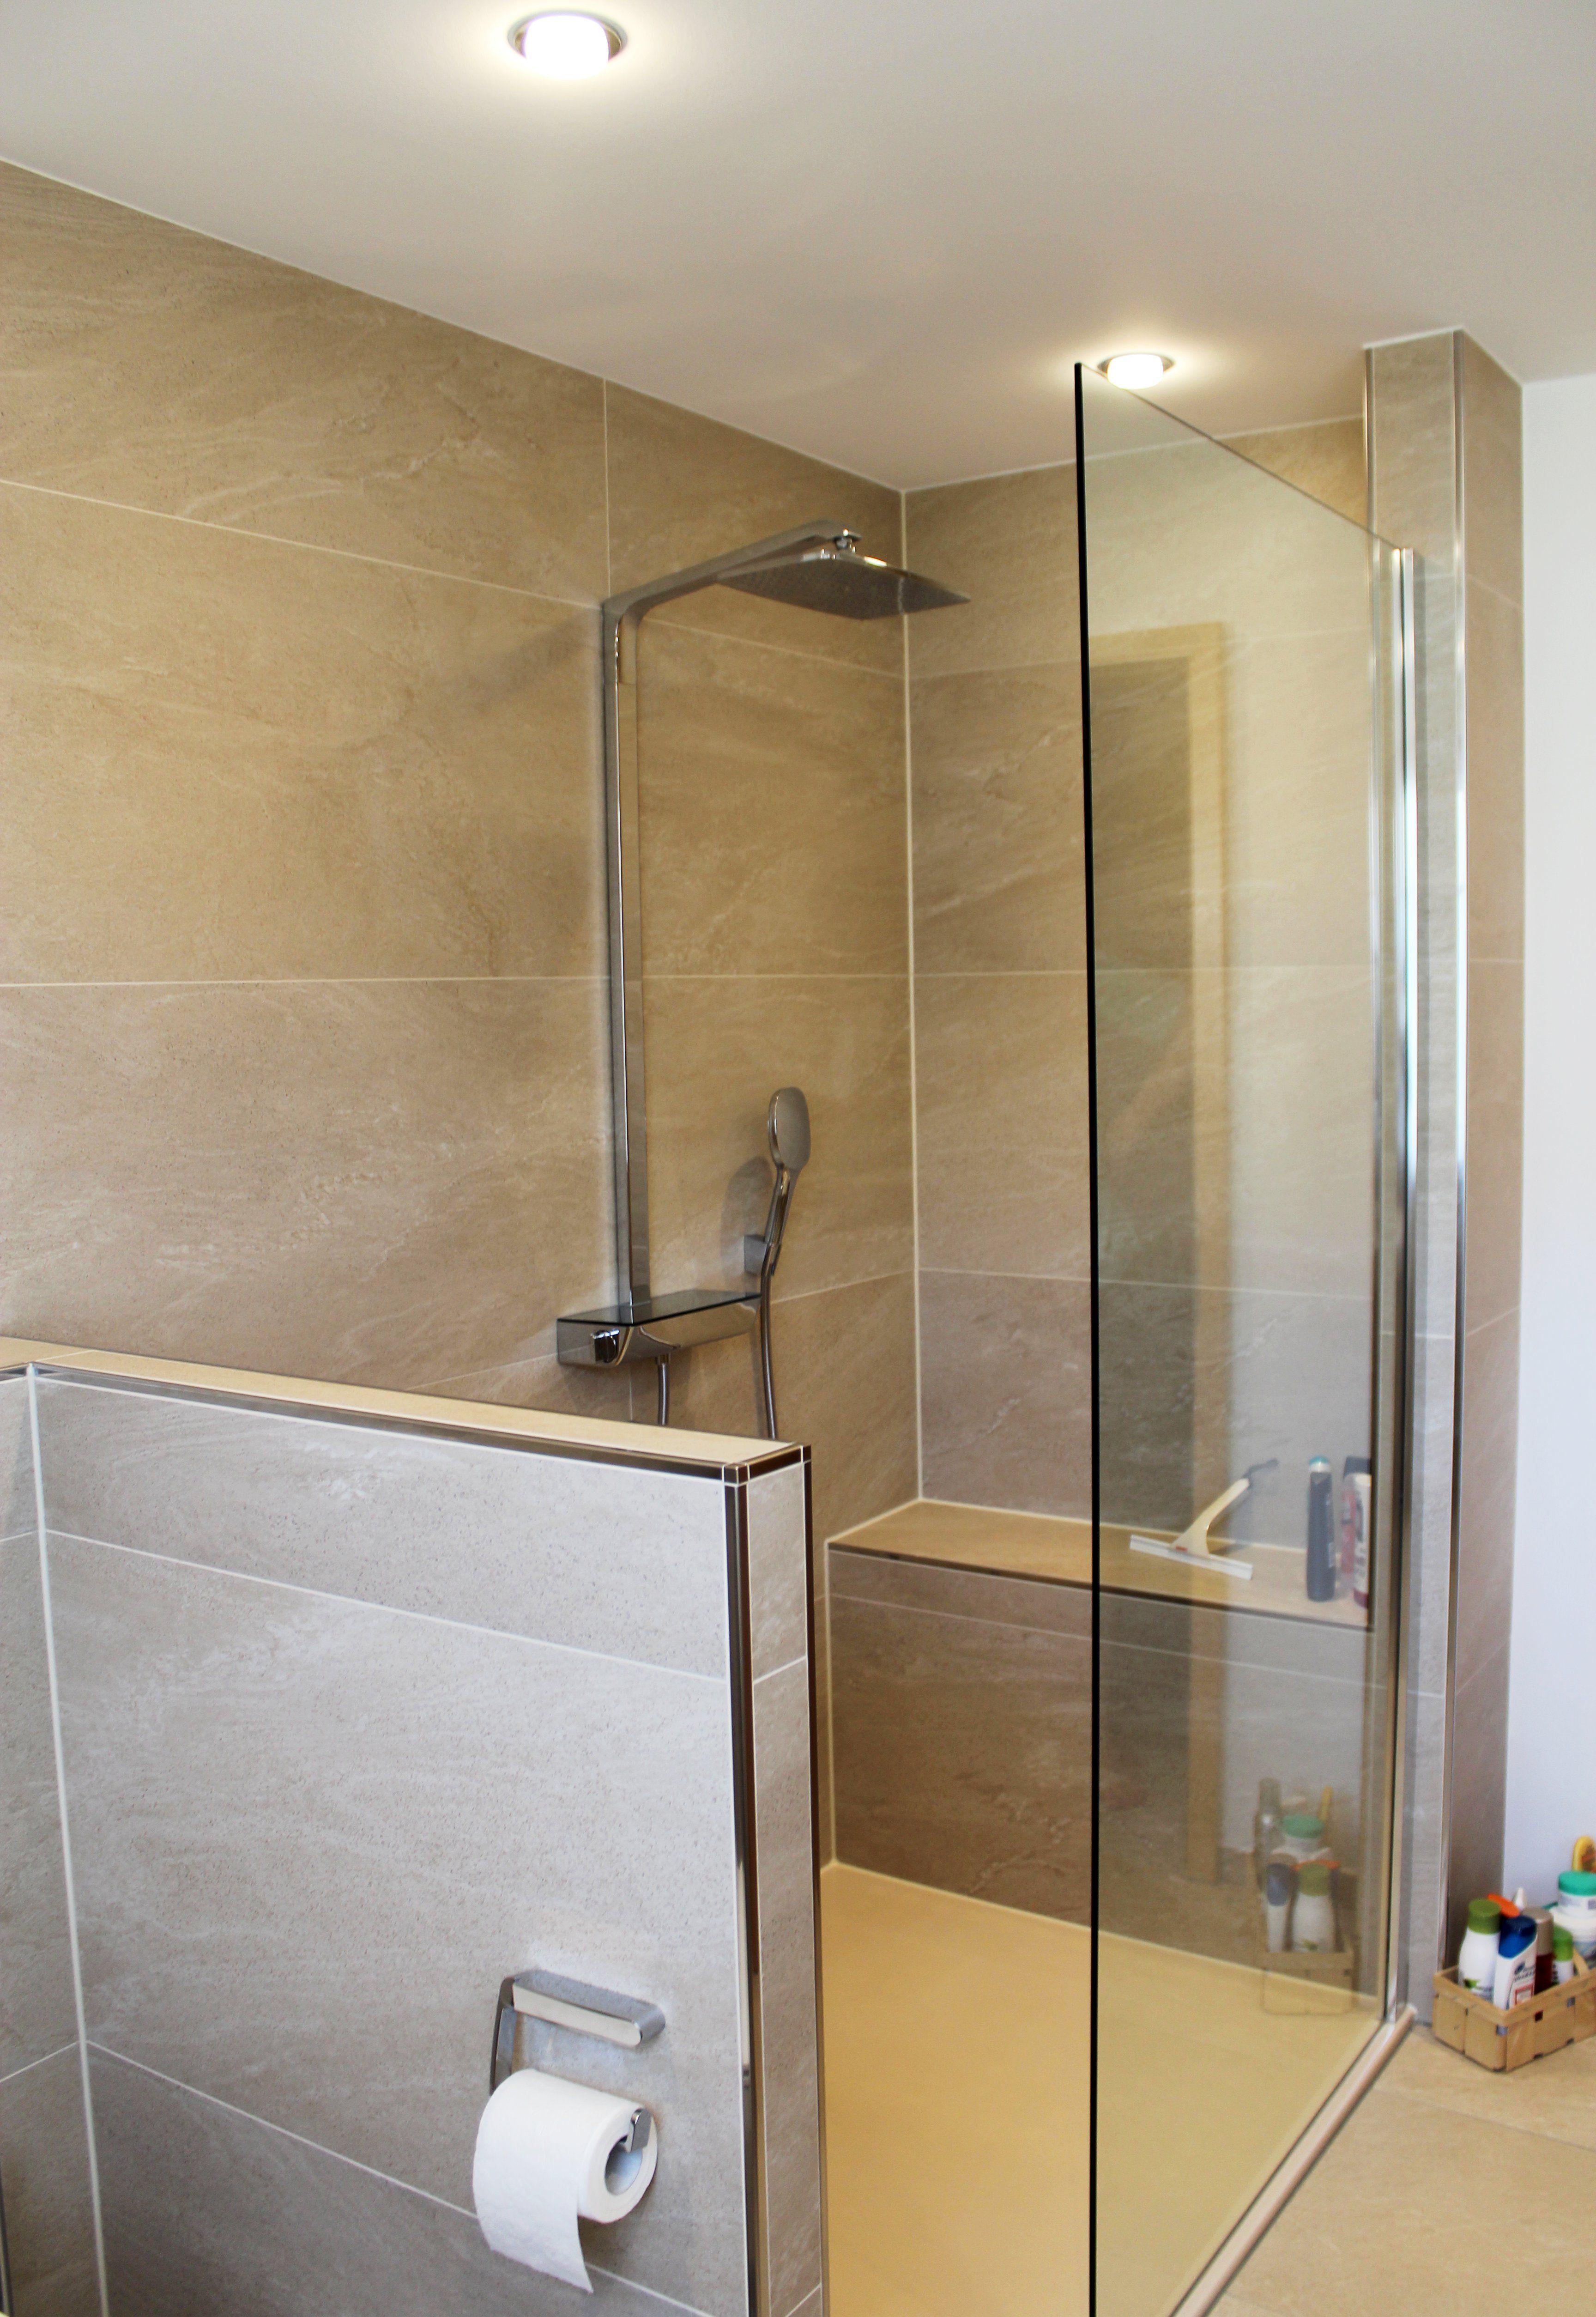 Seniorengerechtes Bad In Naturtonen Badezimmer Begehbare Dusche Bad Einrichten